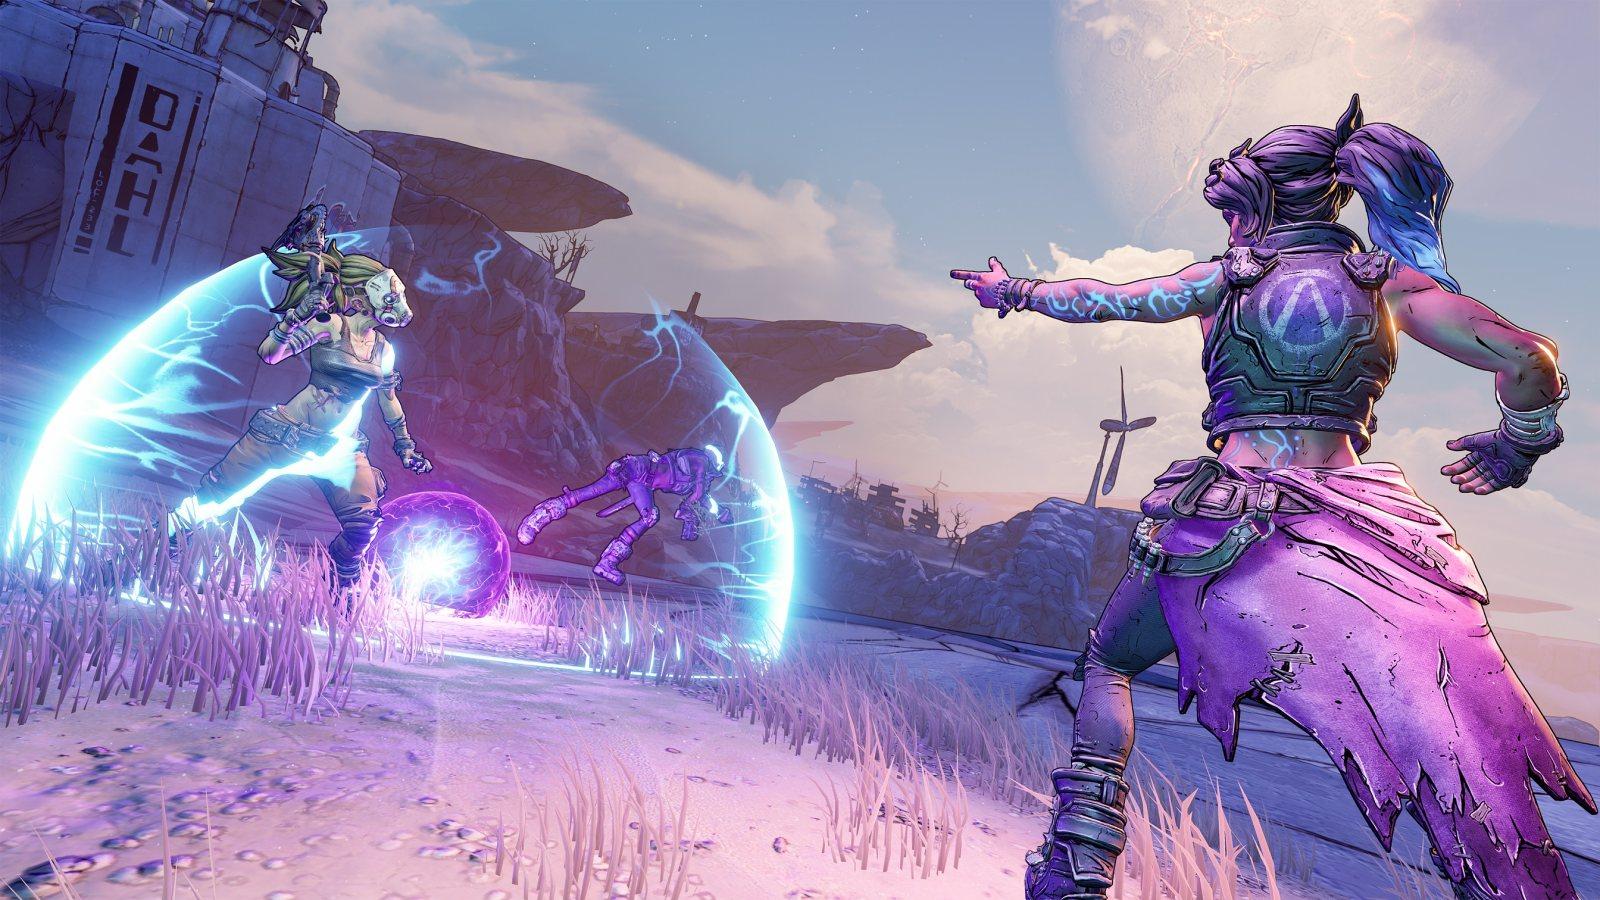 新技能树要来了,《无主之地3》公开两位角色的新技能树详情